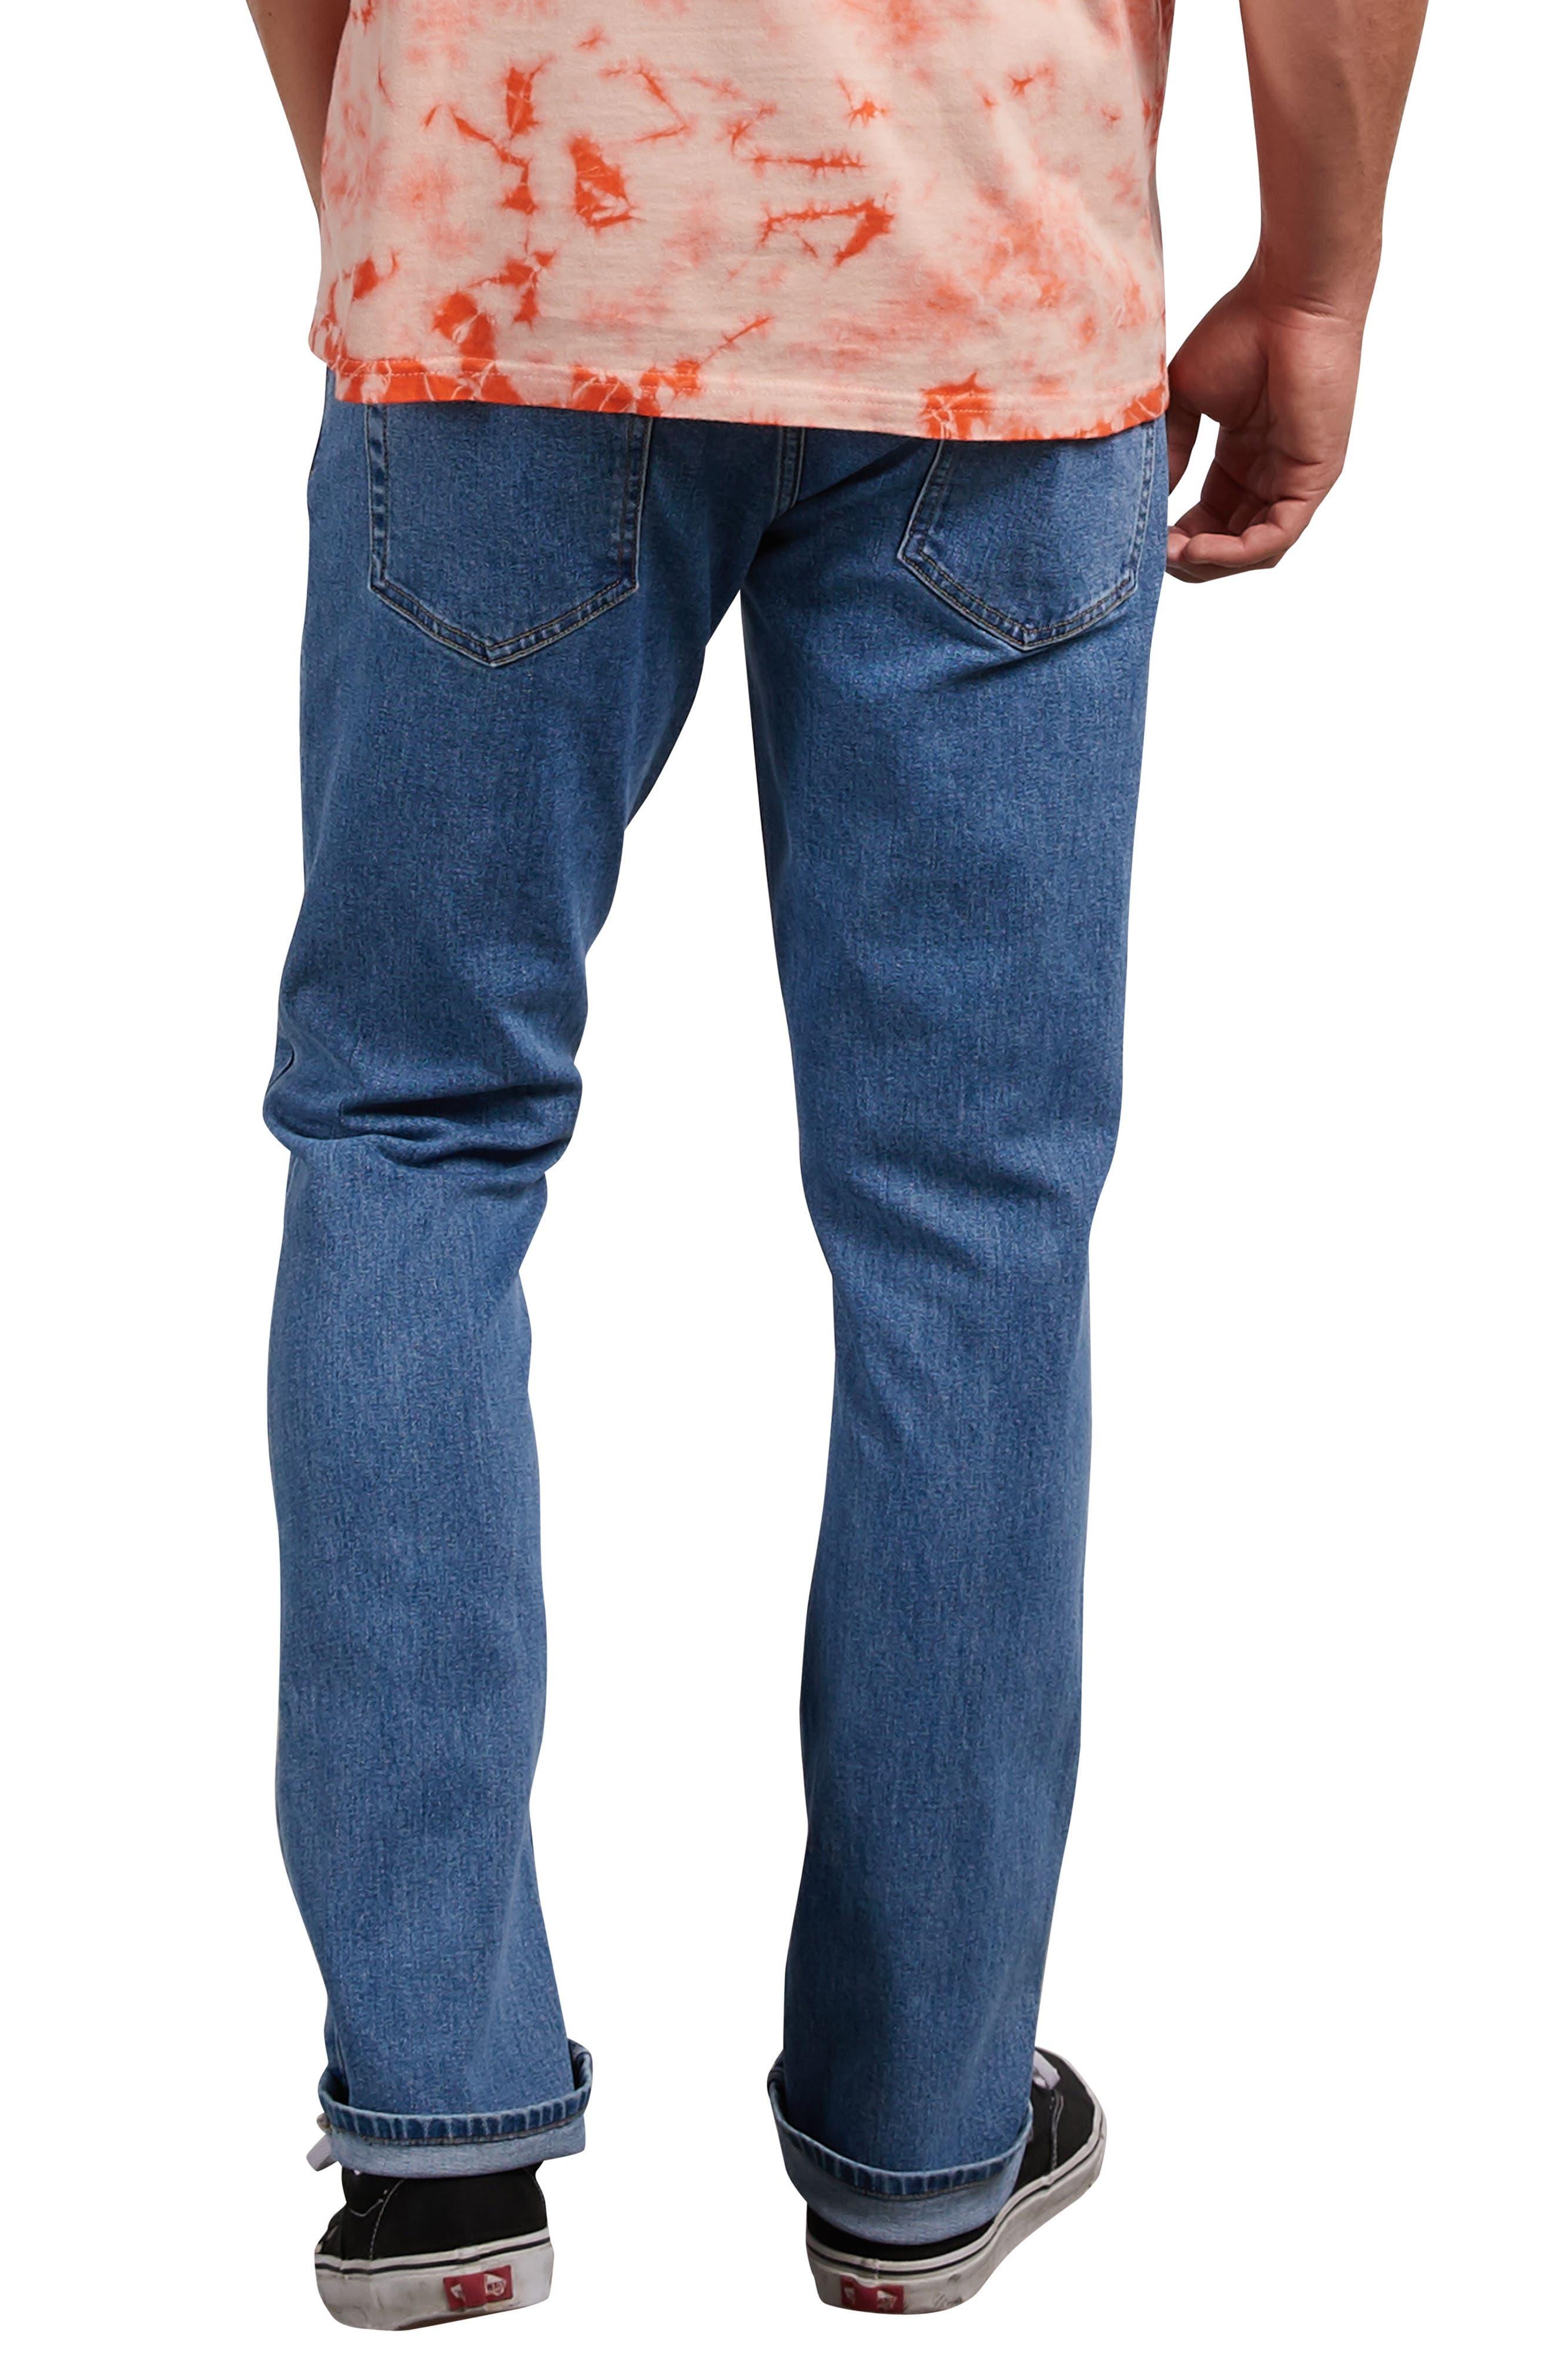 Vorta Slim Fit Jeans,                             Alternate thumbnail 2, color,                             STONE BLUE